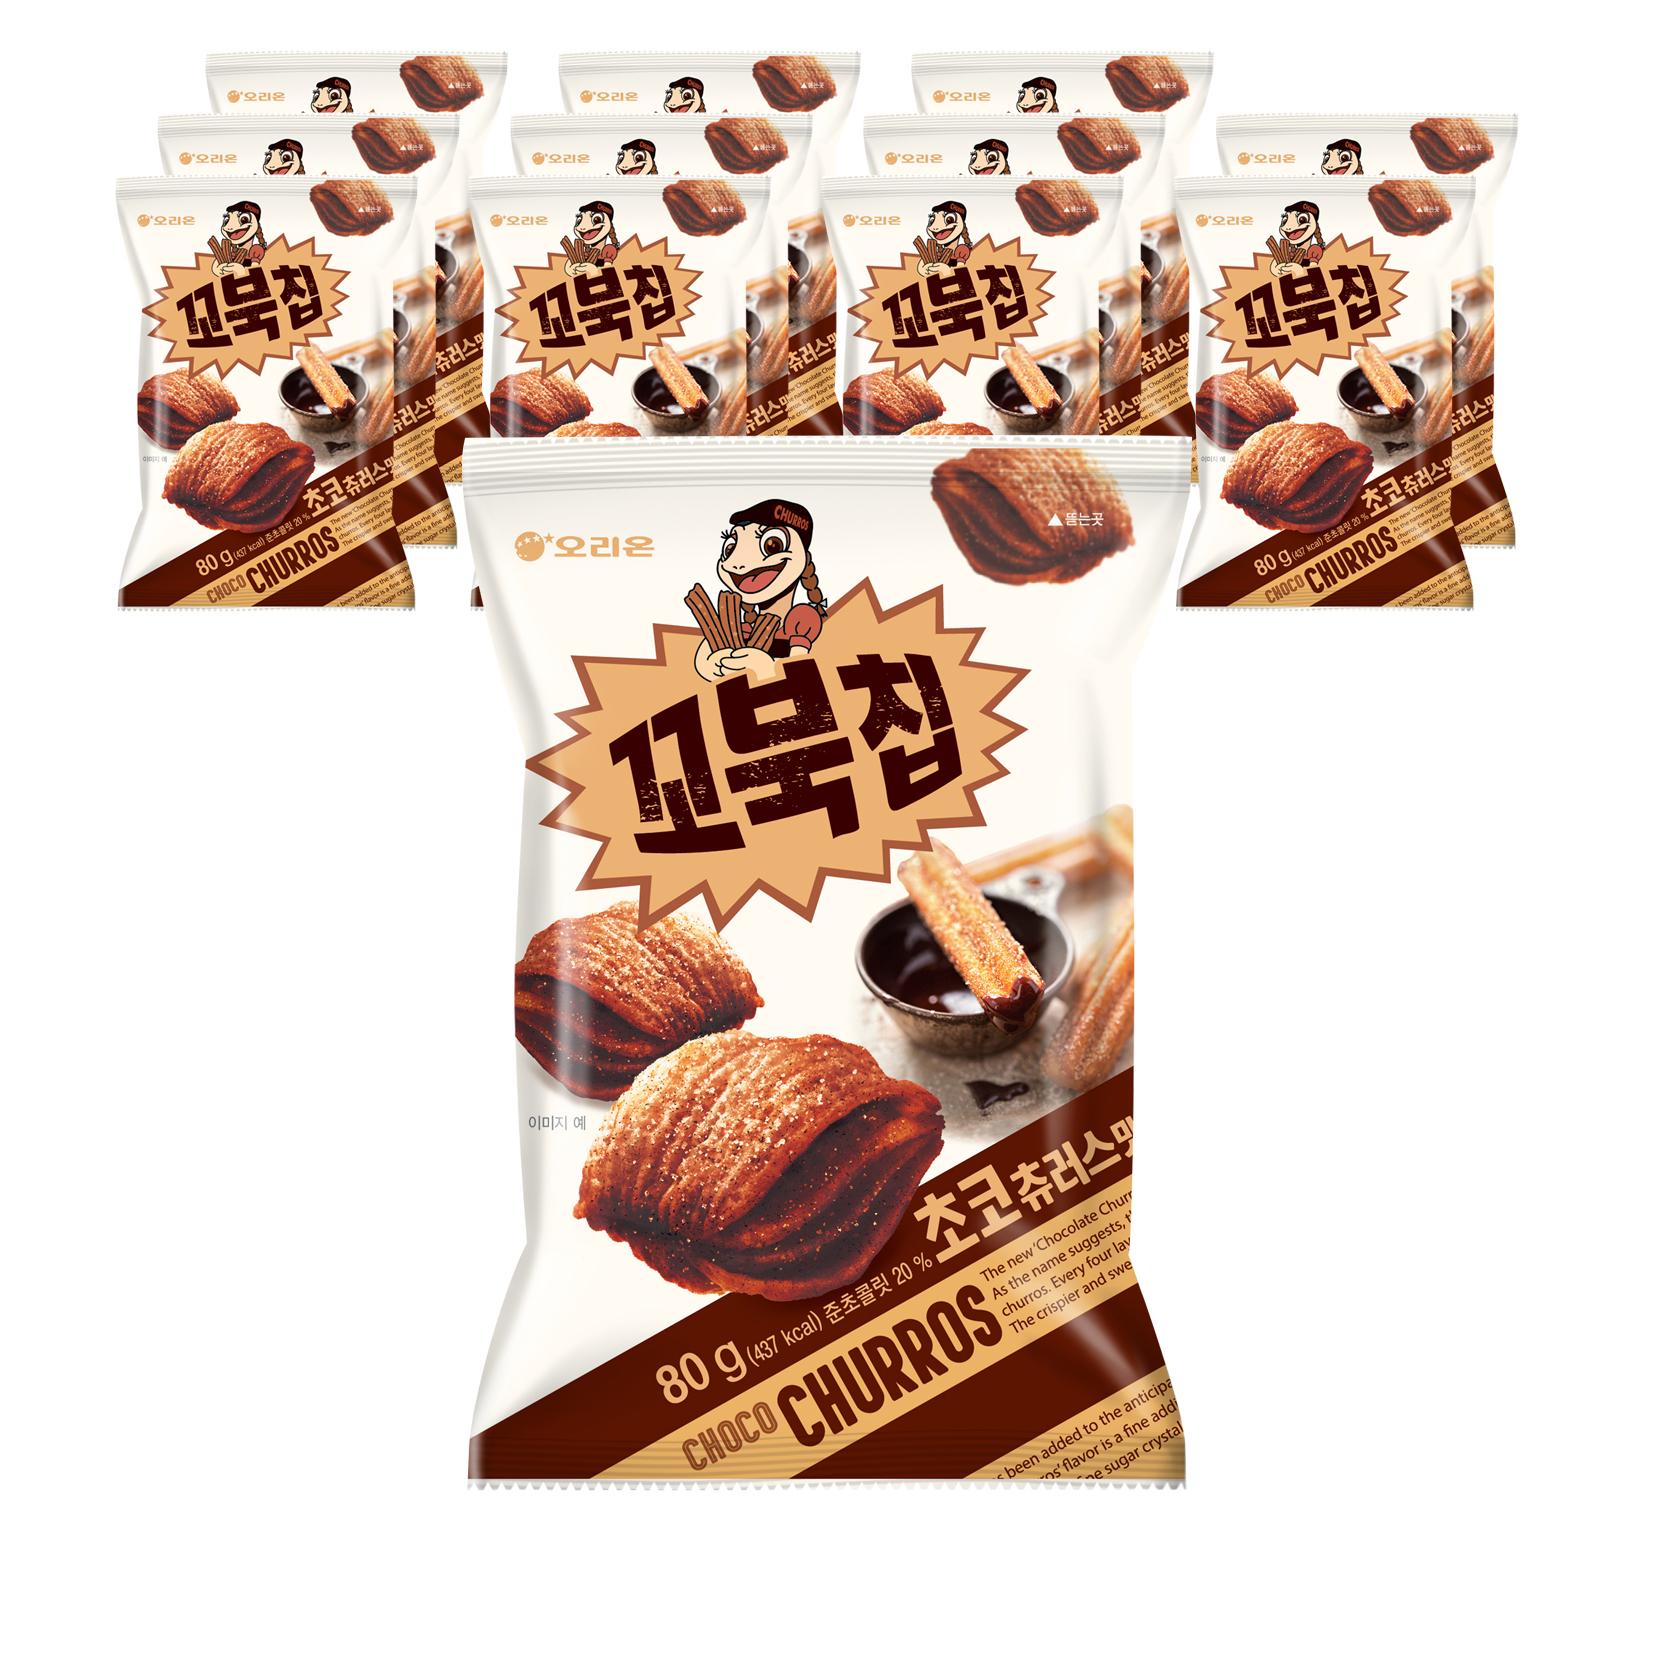 오리온 꼬북칩 초코츄러스 과자, 80g, 12개